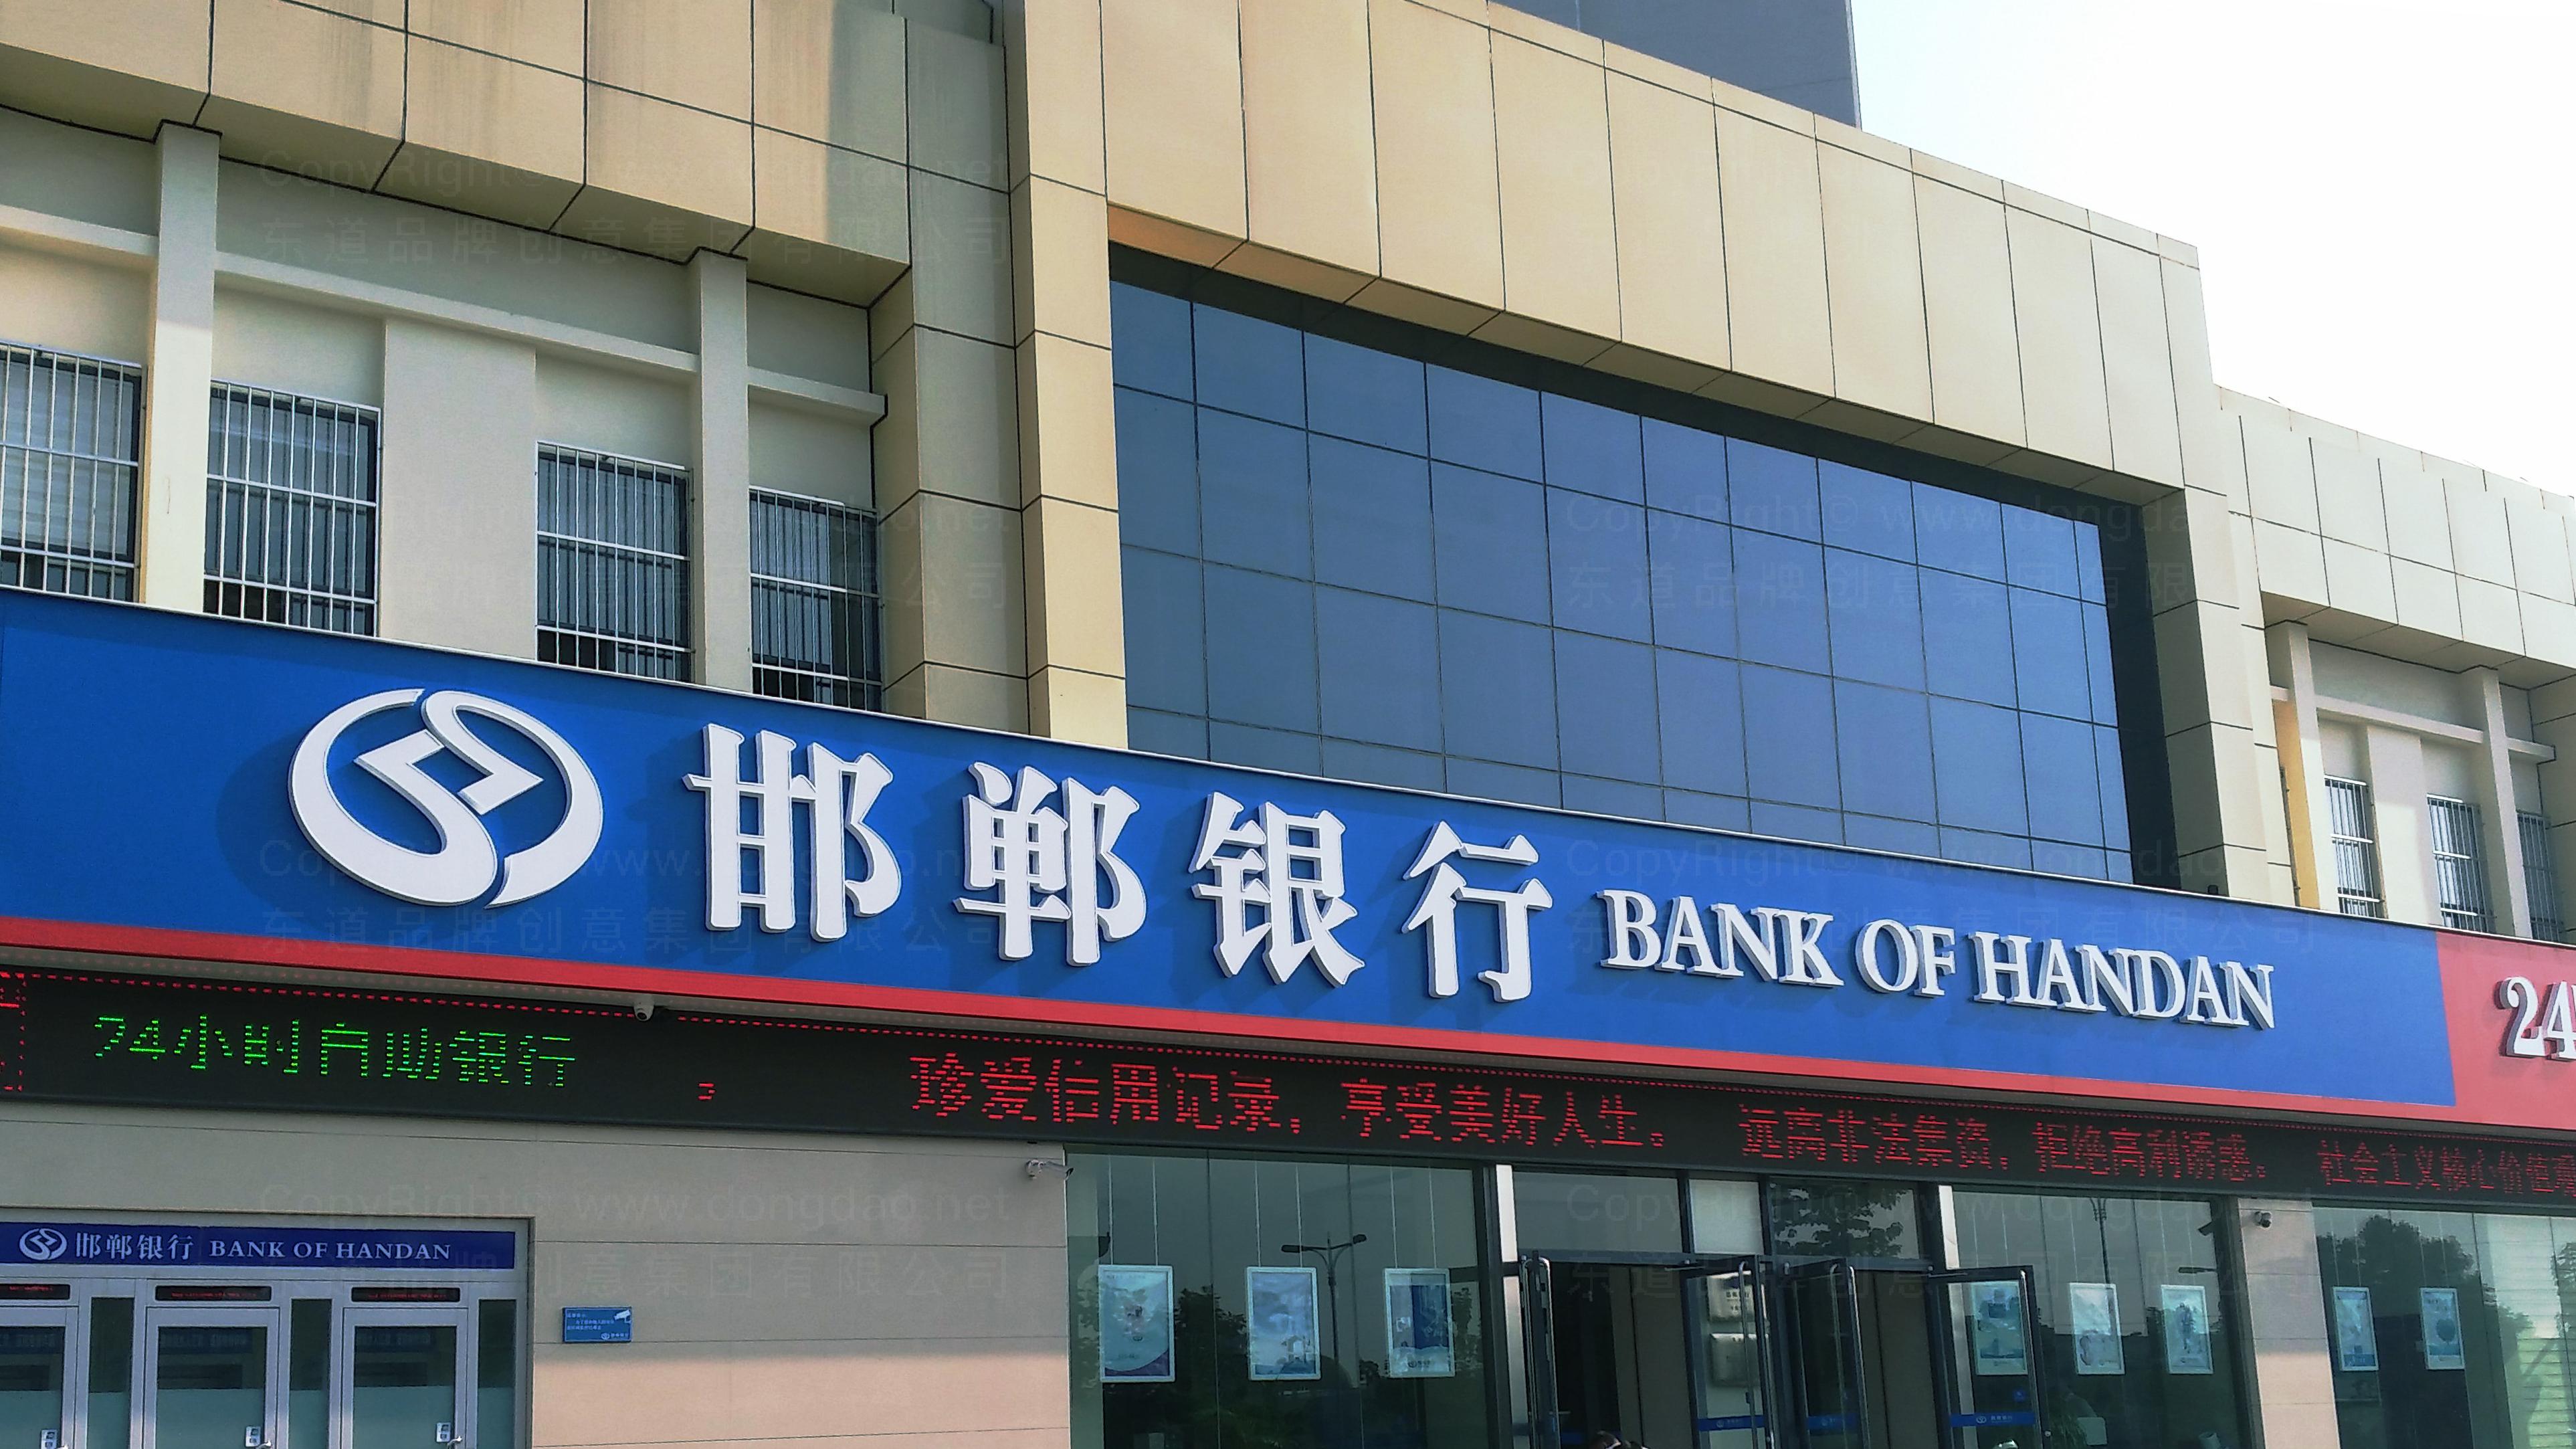 落地工程邯郸银行标识工程应用场景_21